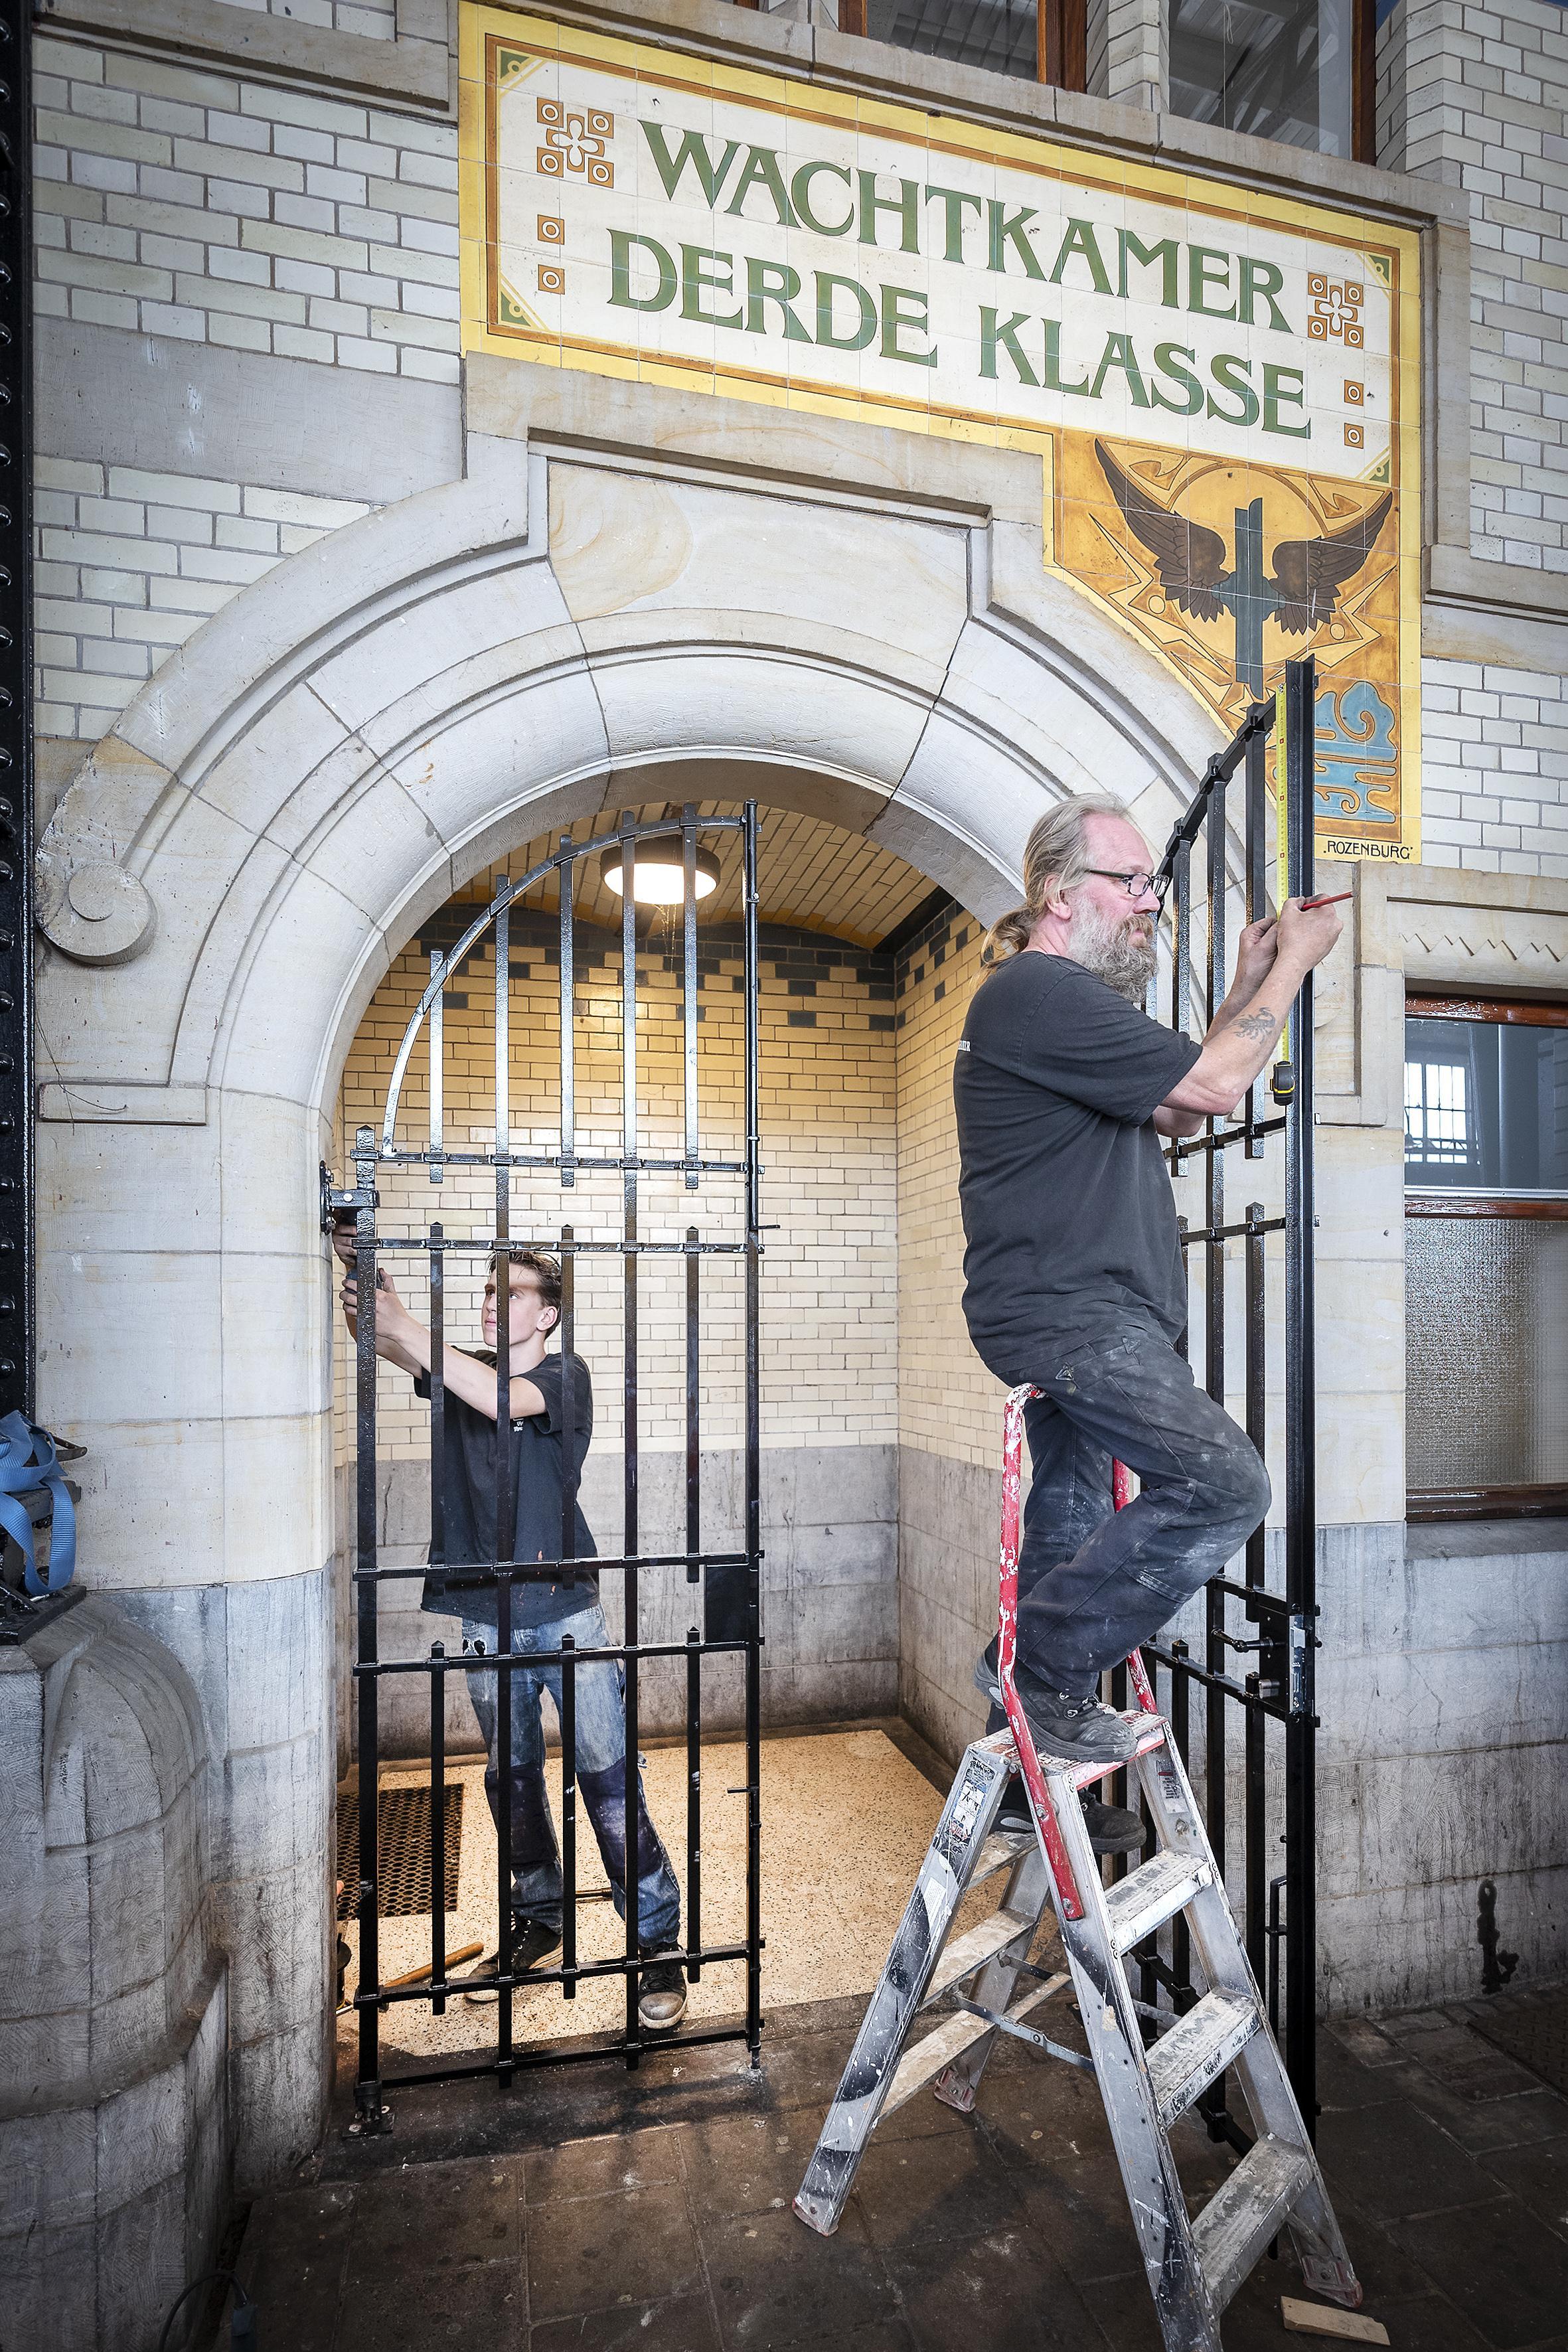 'Gehistoriseerde' nieuwe hekken op middenperron Station Haarlem moeten ongenode gasten weren